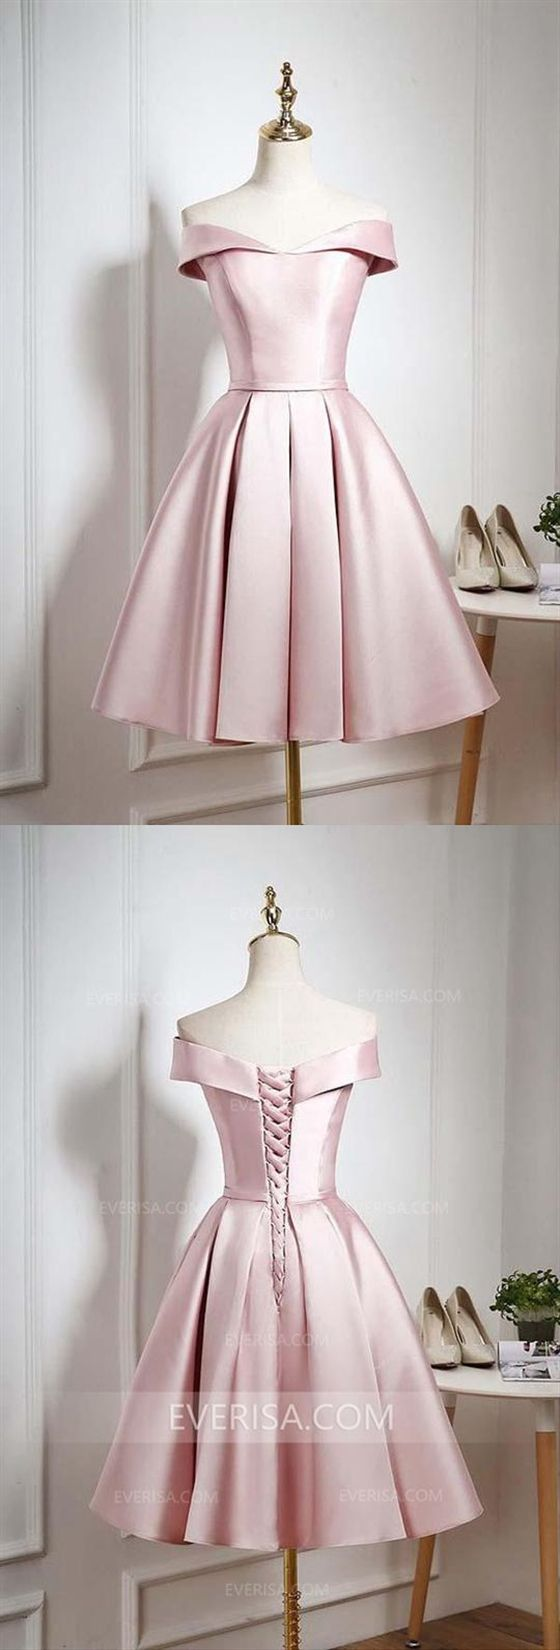 Elegantes hellrosa schulterfreies Satin-Kleid für die Heimkehr Kurzes Abendkleid mit Rüschen   – Alexa's Debut